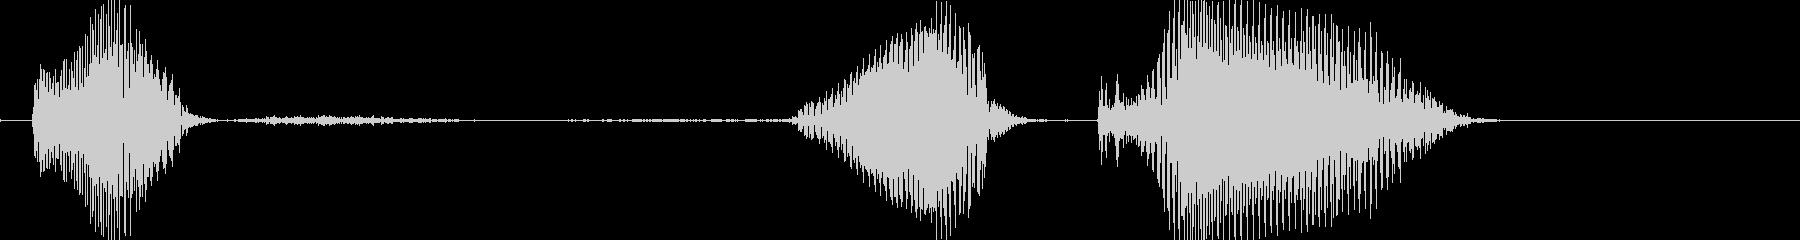 …お、おっけーの未再生の波形